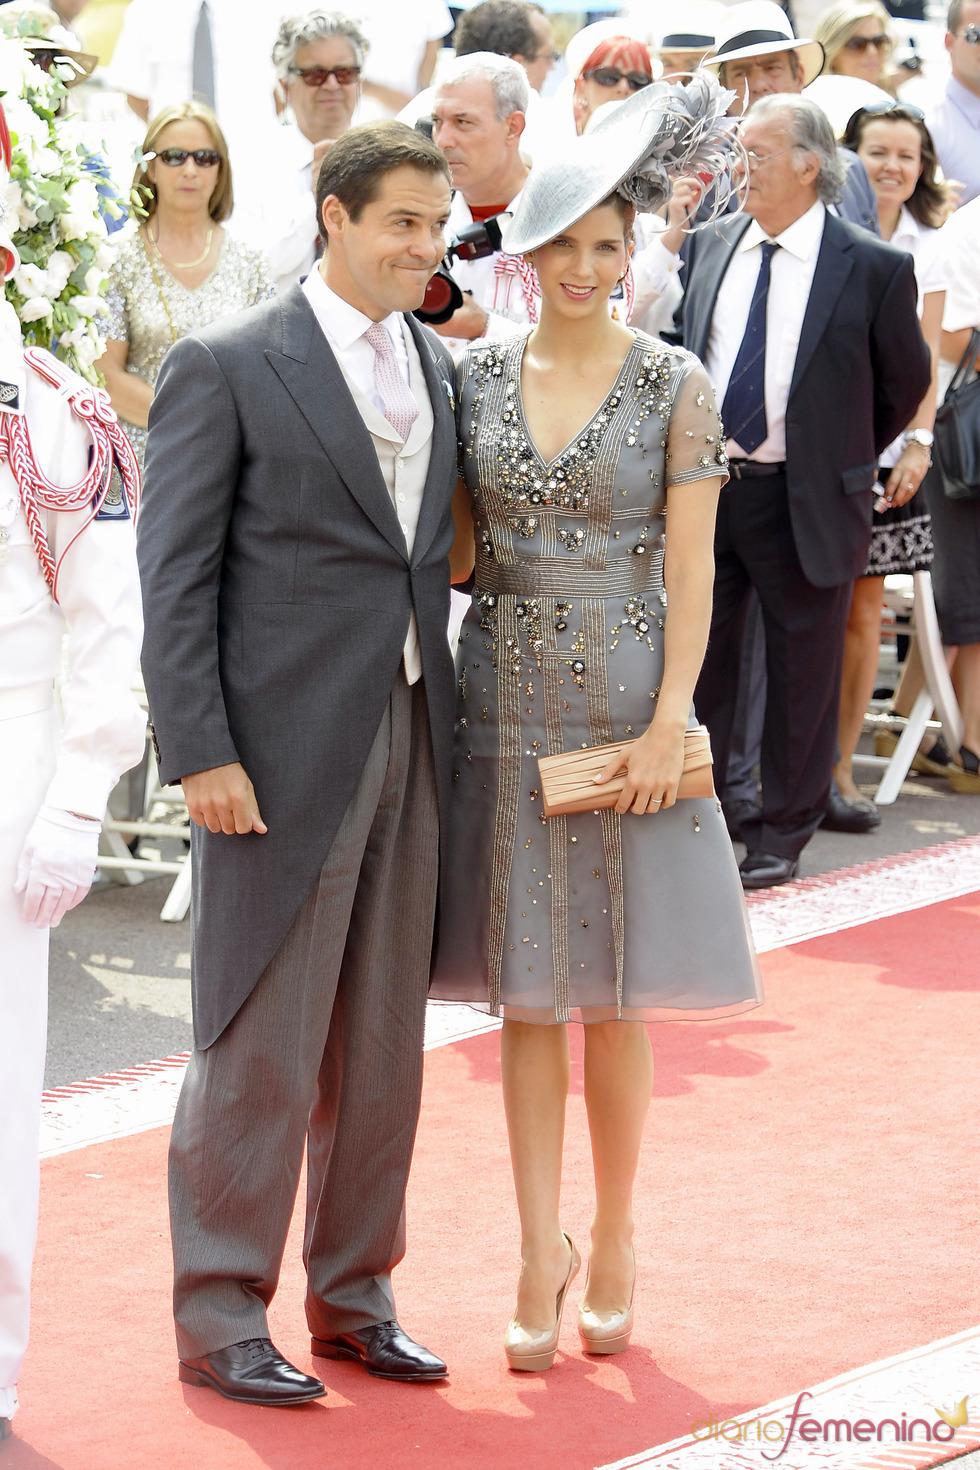 Luis Alfonso de Borbón y Margarita Vargas llega a la ceremonia religiosa de la Boda Real de Mónaco